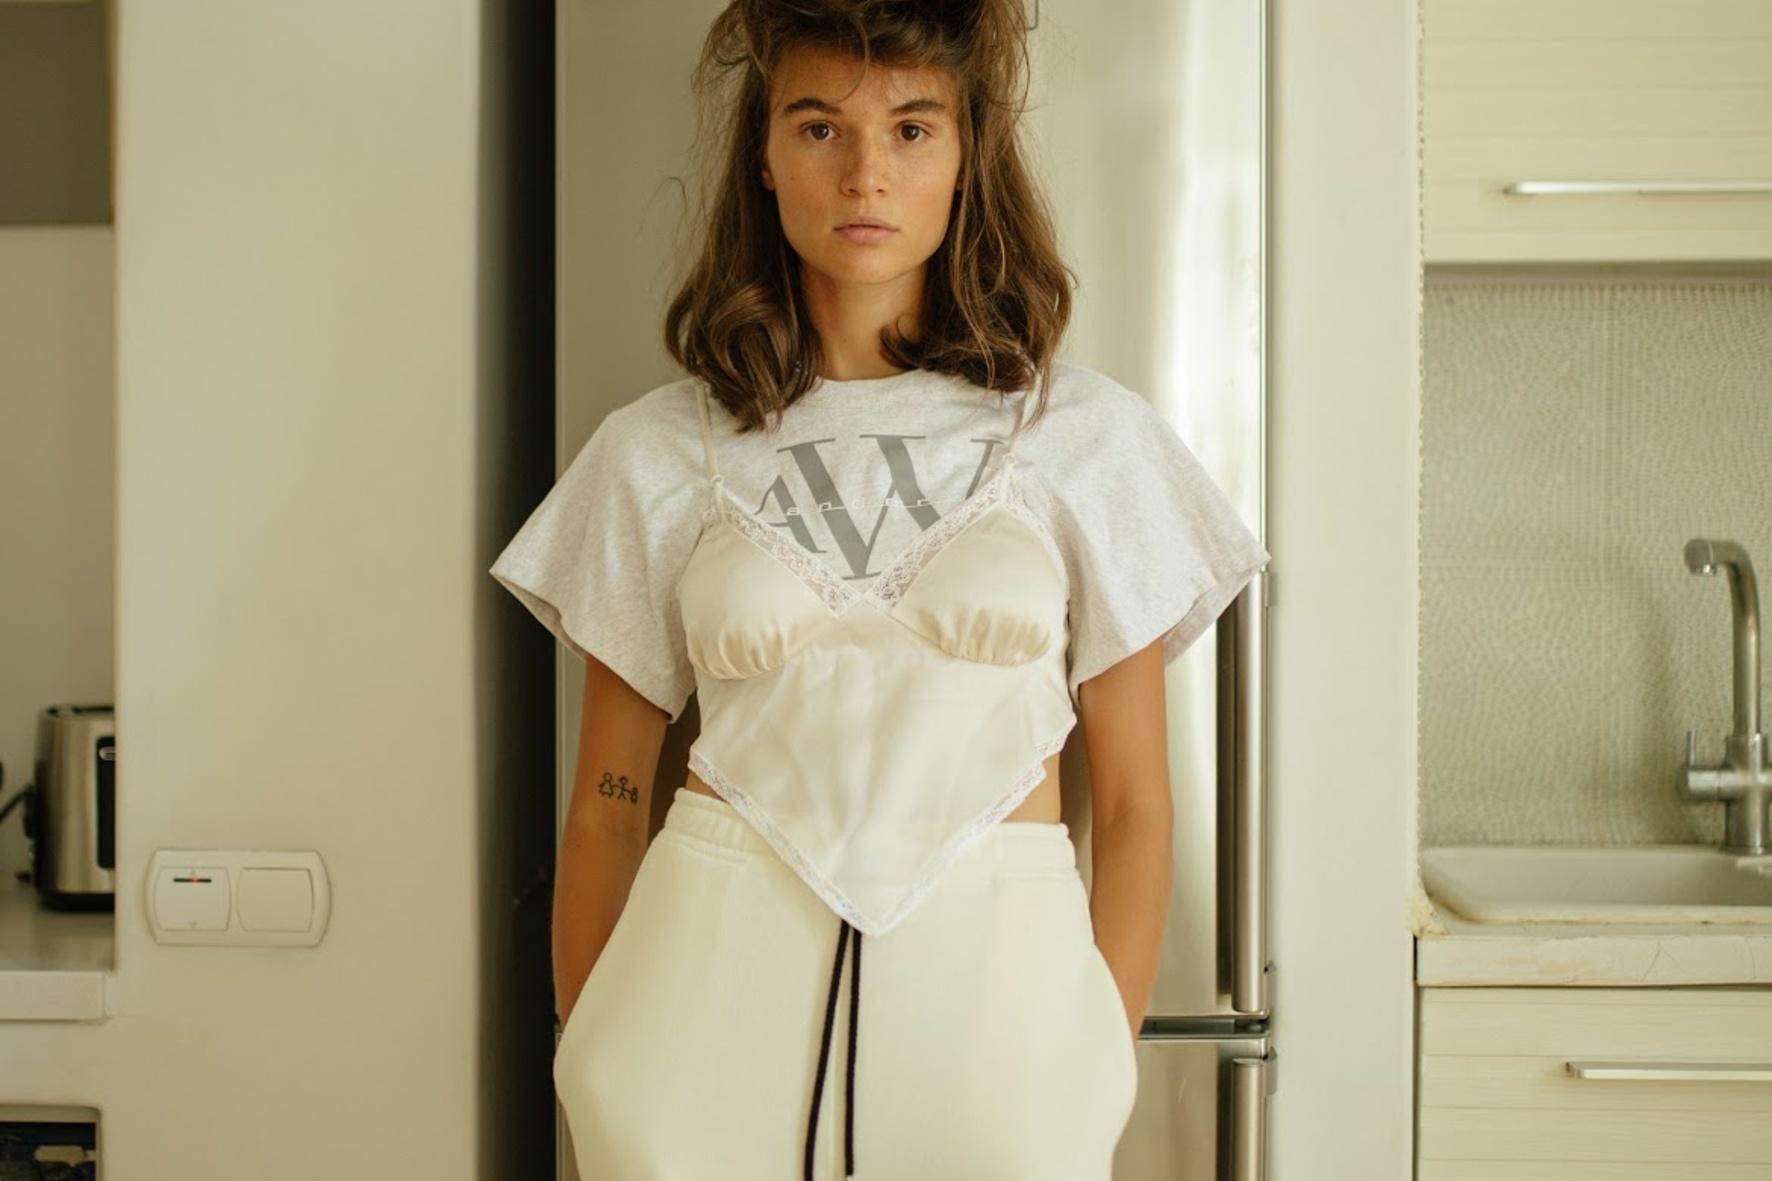 Вільна сексуальність: KATSURINA випустила нову колекцію